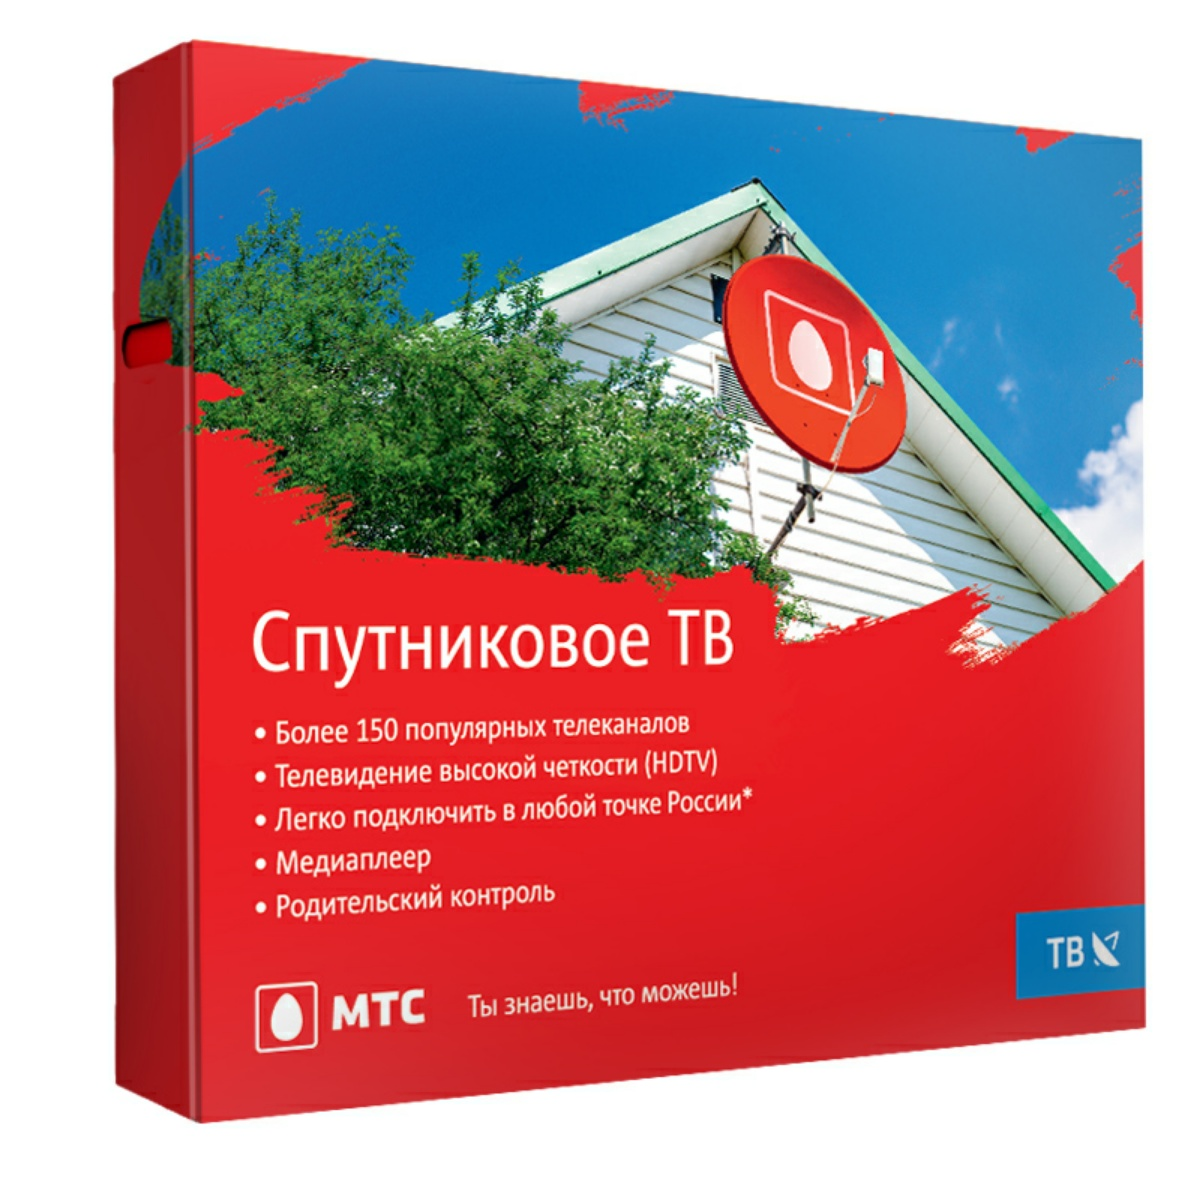 Продам комплект Спутниковое ТВ МТС